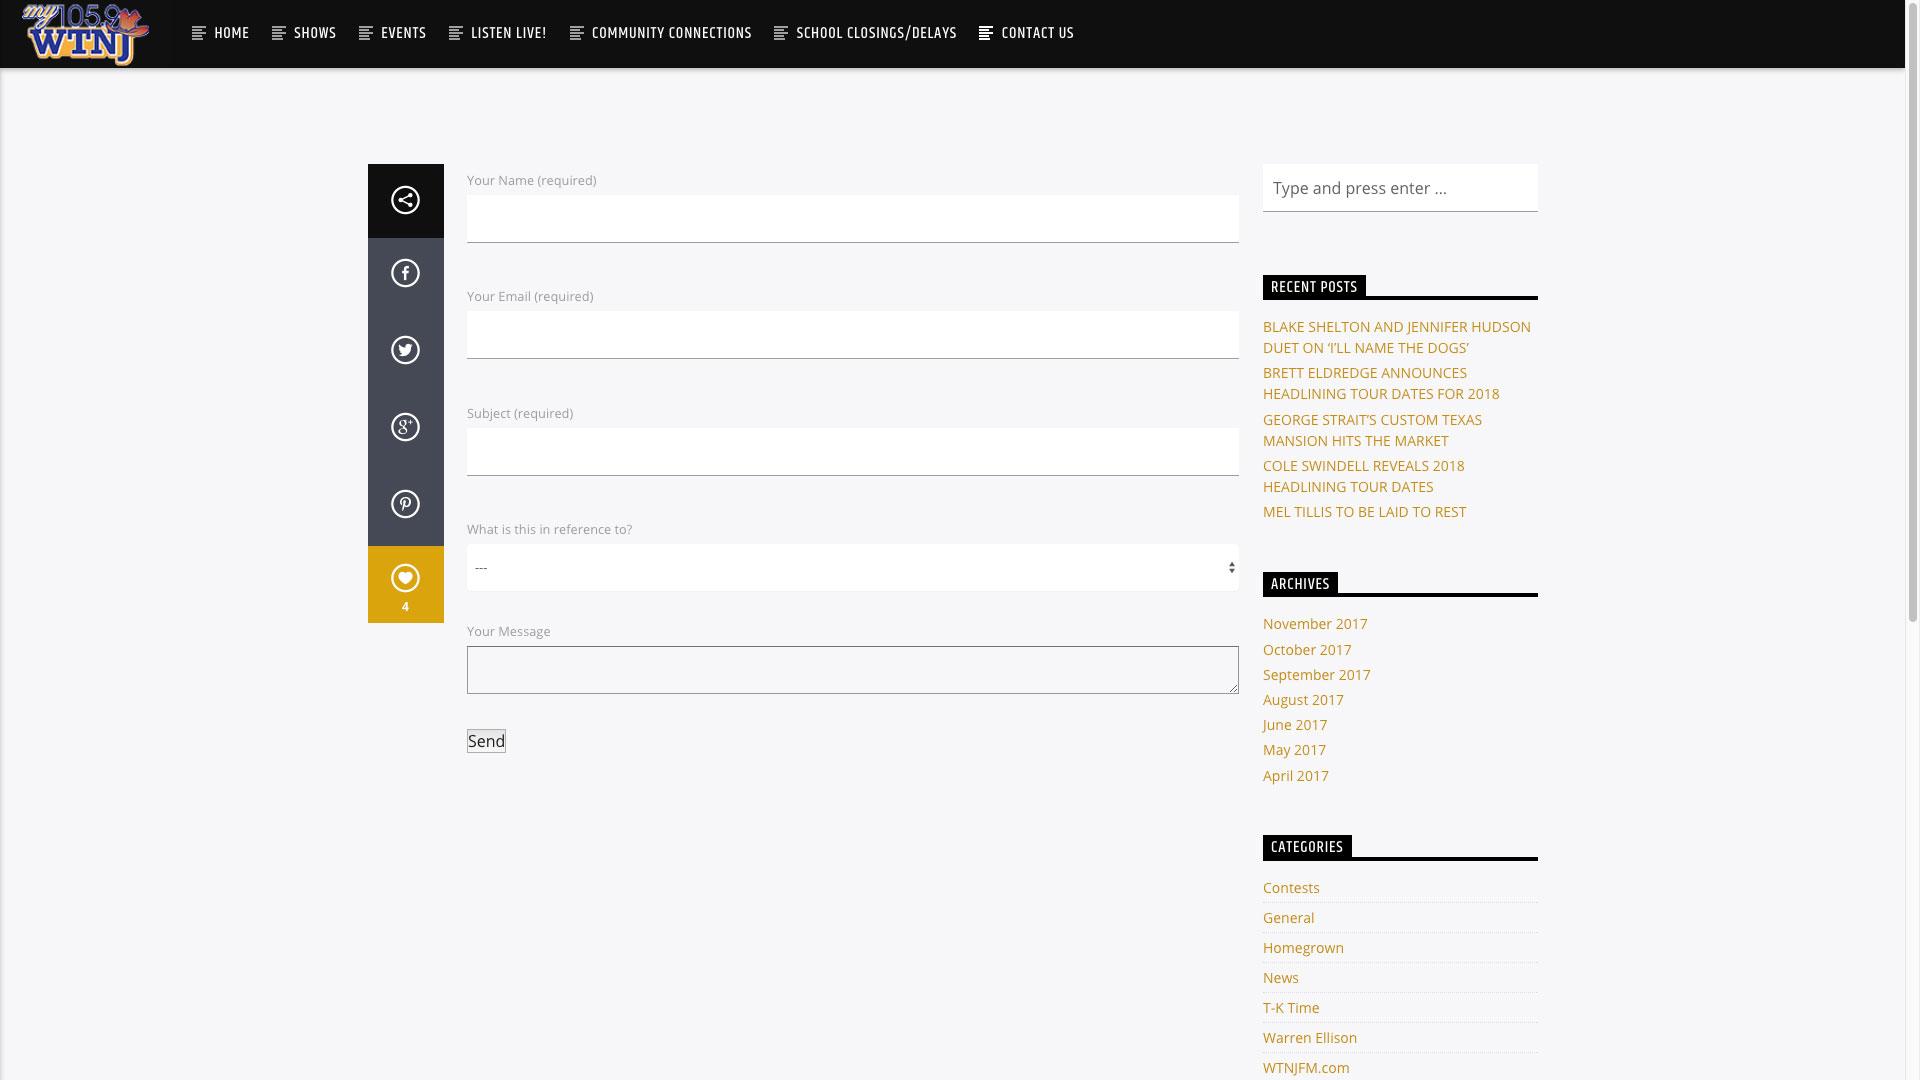 wtnj-contact-web-design